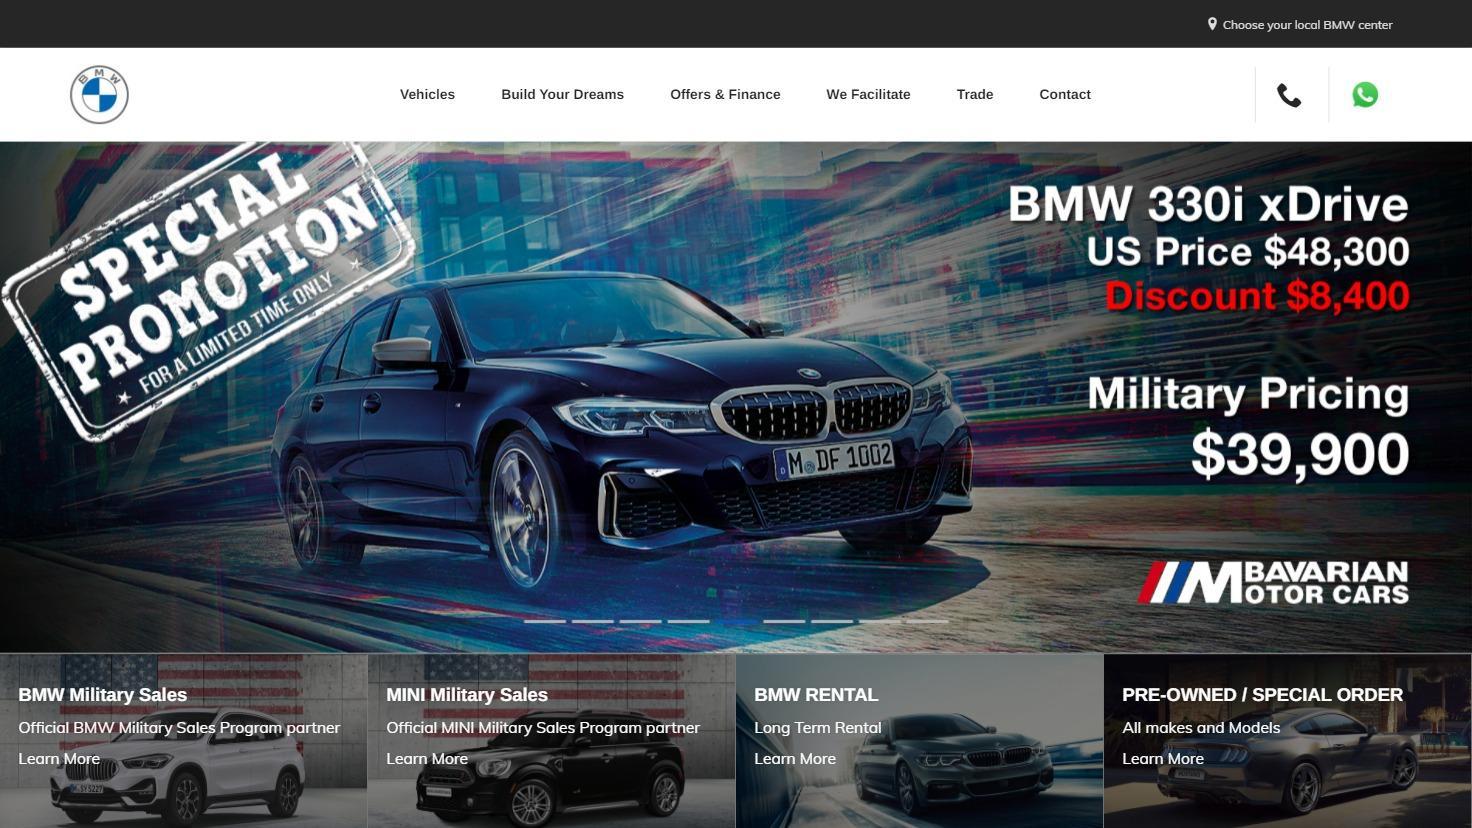 Bavarian Motor Cars - Spezialisierter Verkauf von BMW und MINI